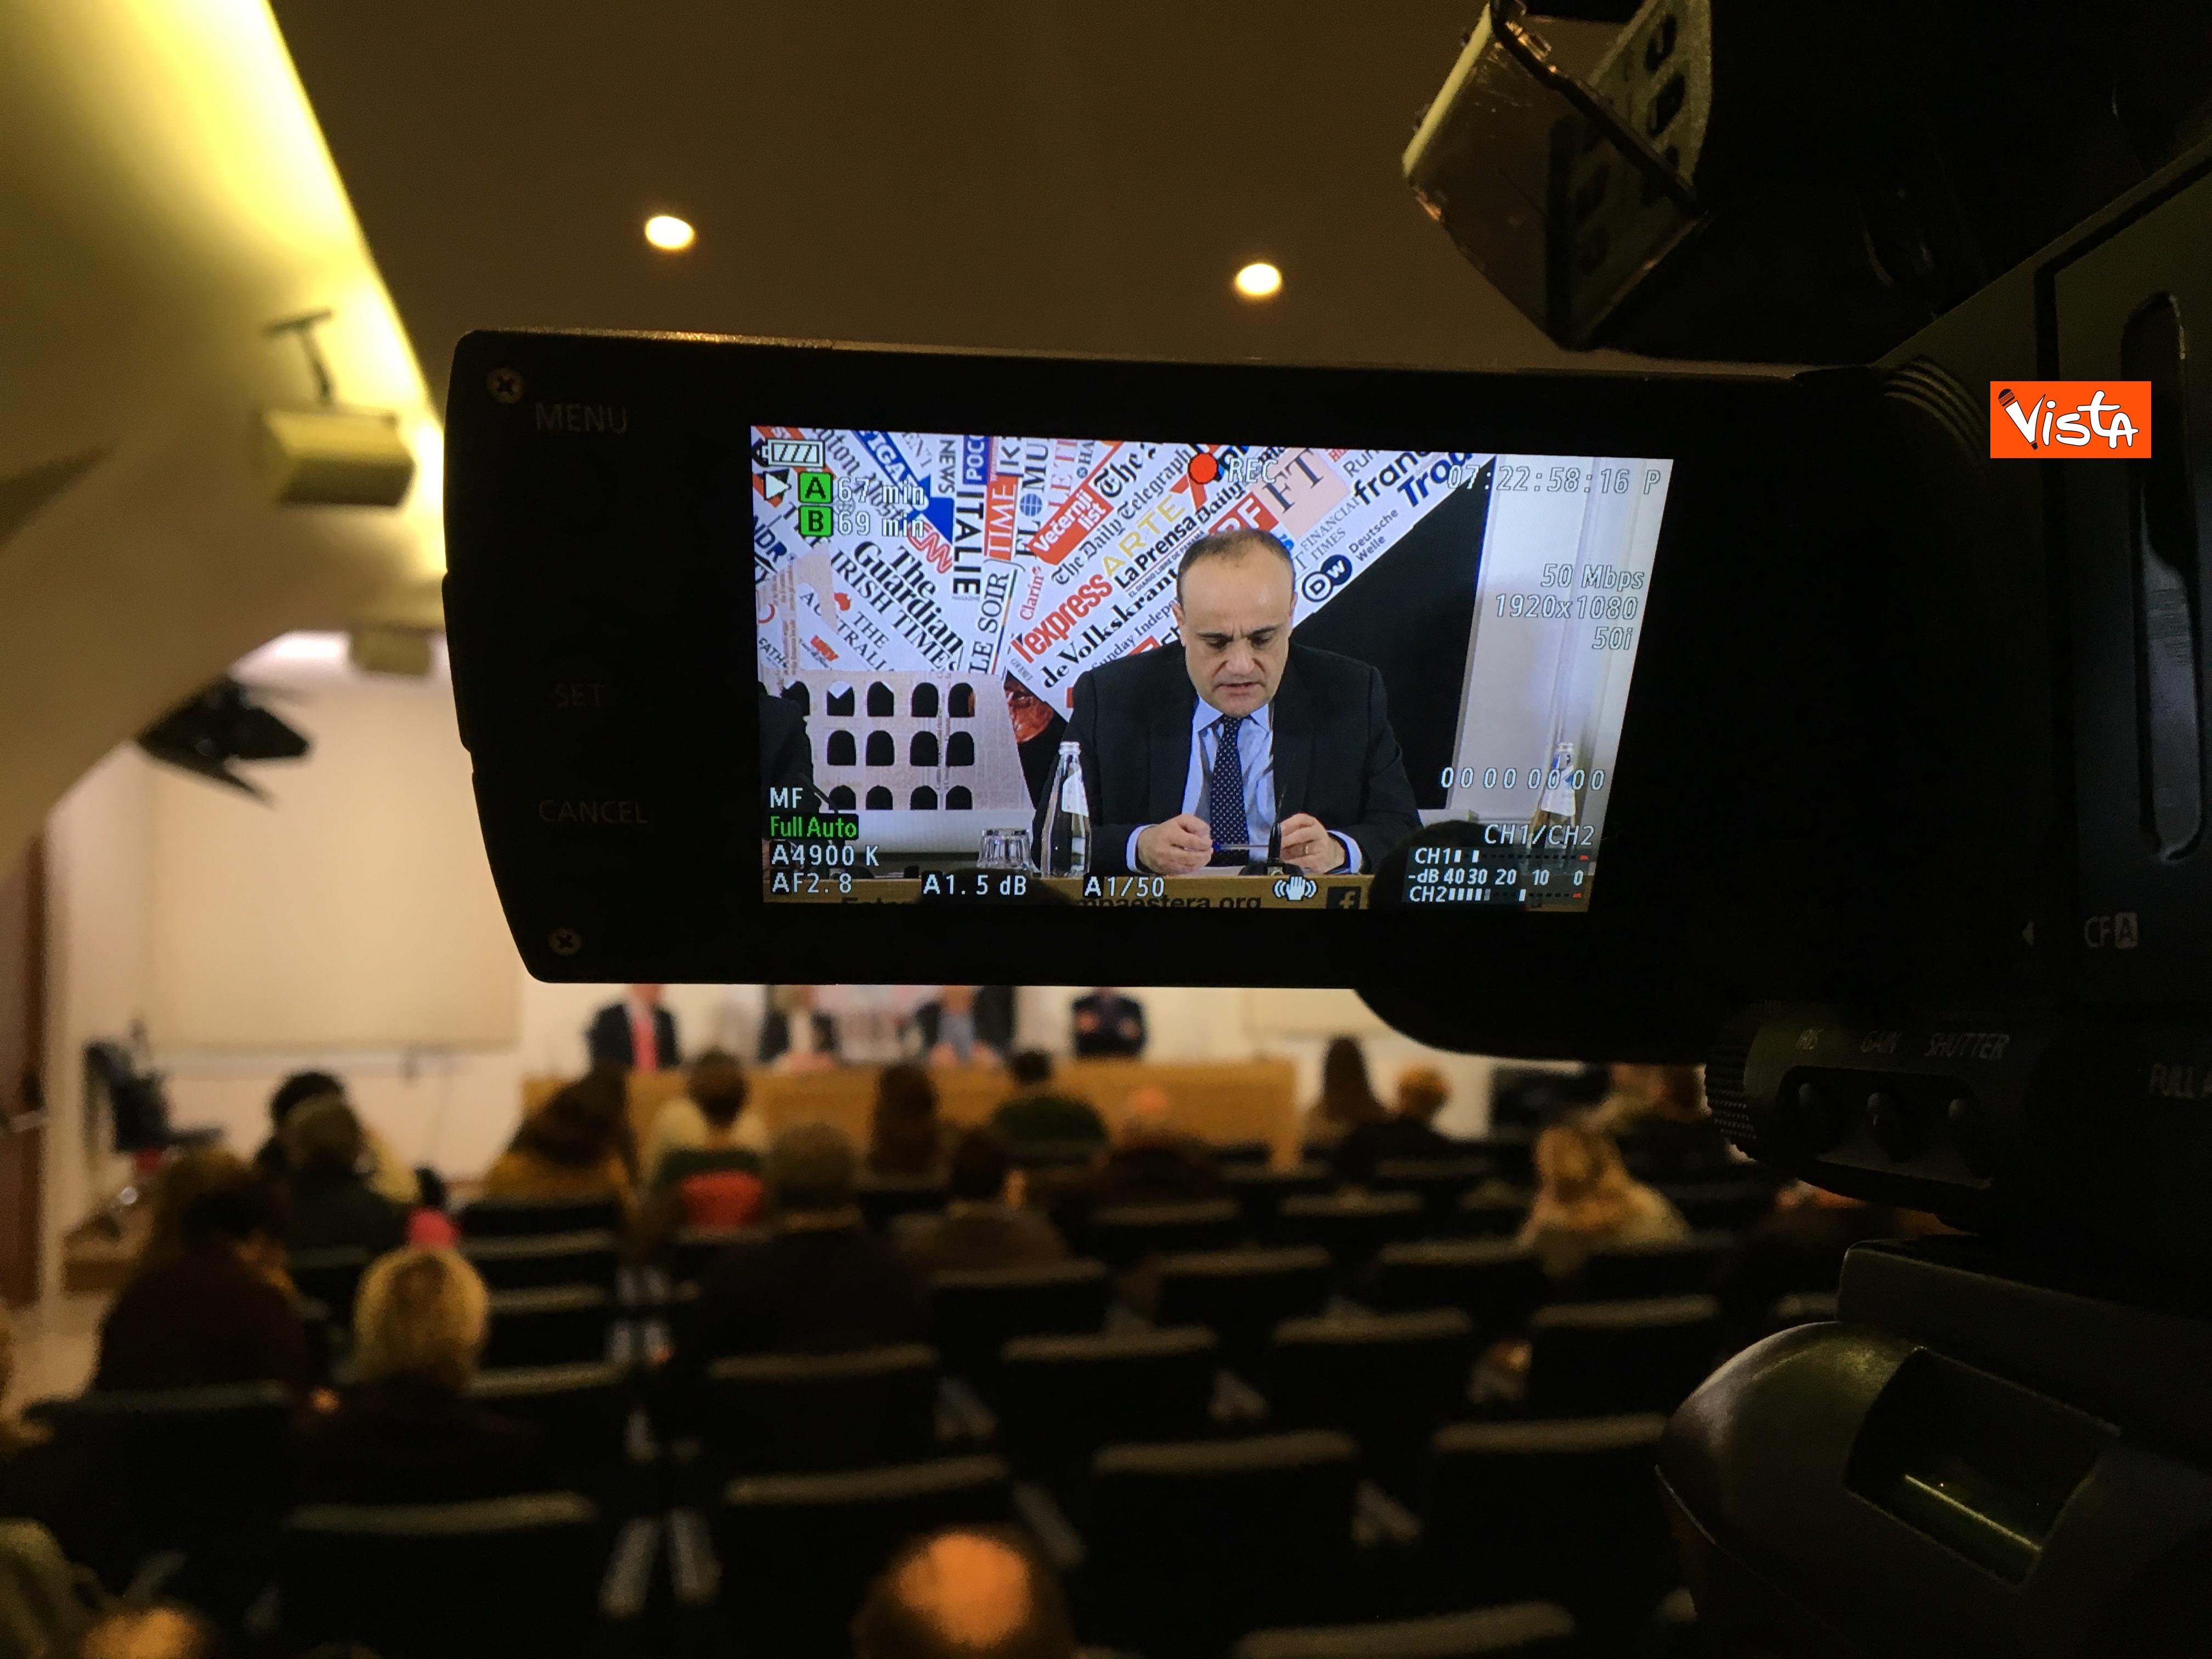 10-01-19 Bonisoli in conferenza stampa alla sede romana della stampa estera immagini_05